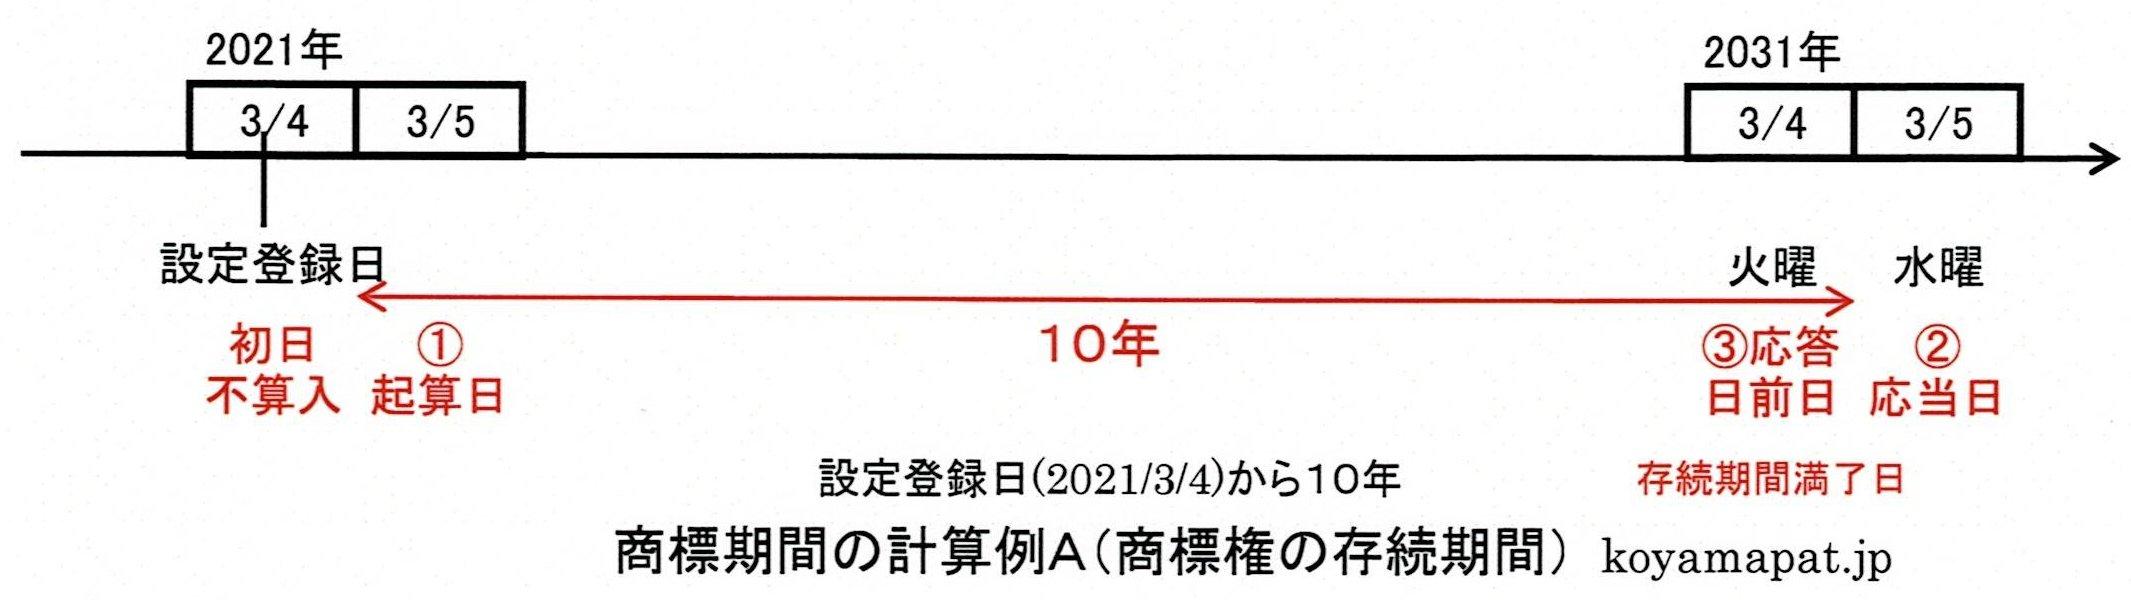 商標期間の計算例A(商標権の存続期間):設定登録日から10年